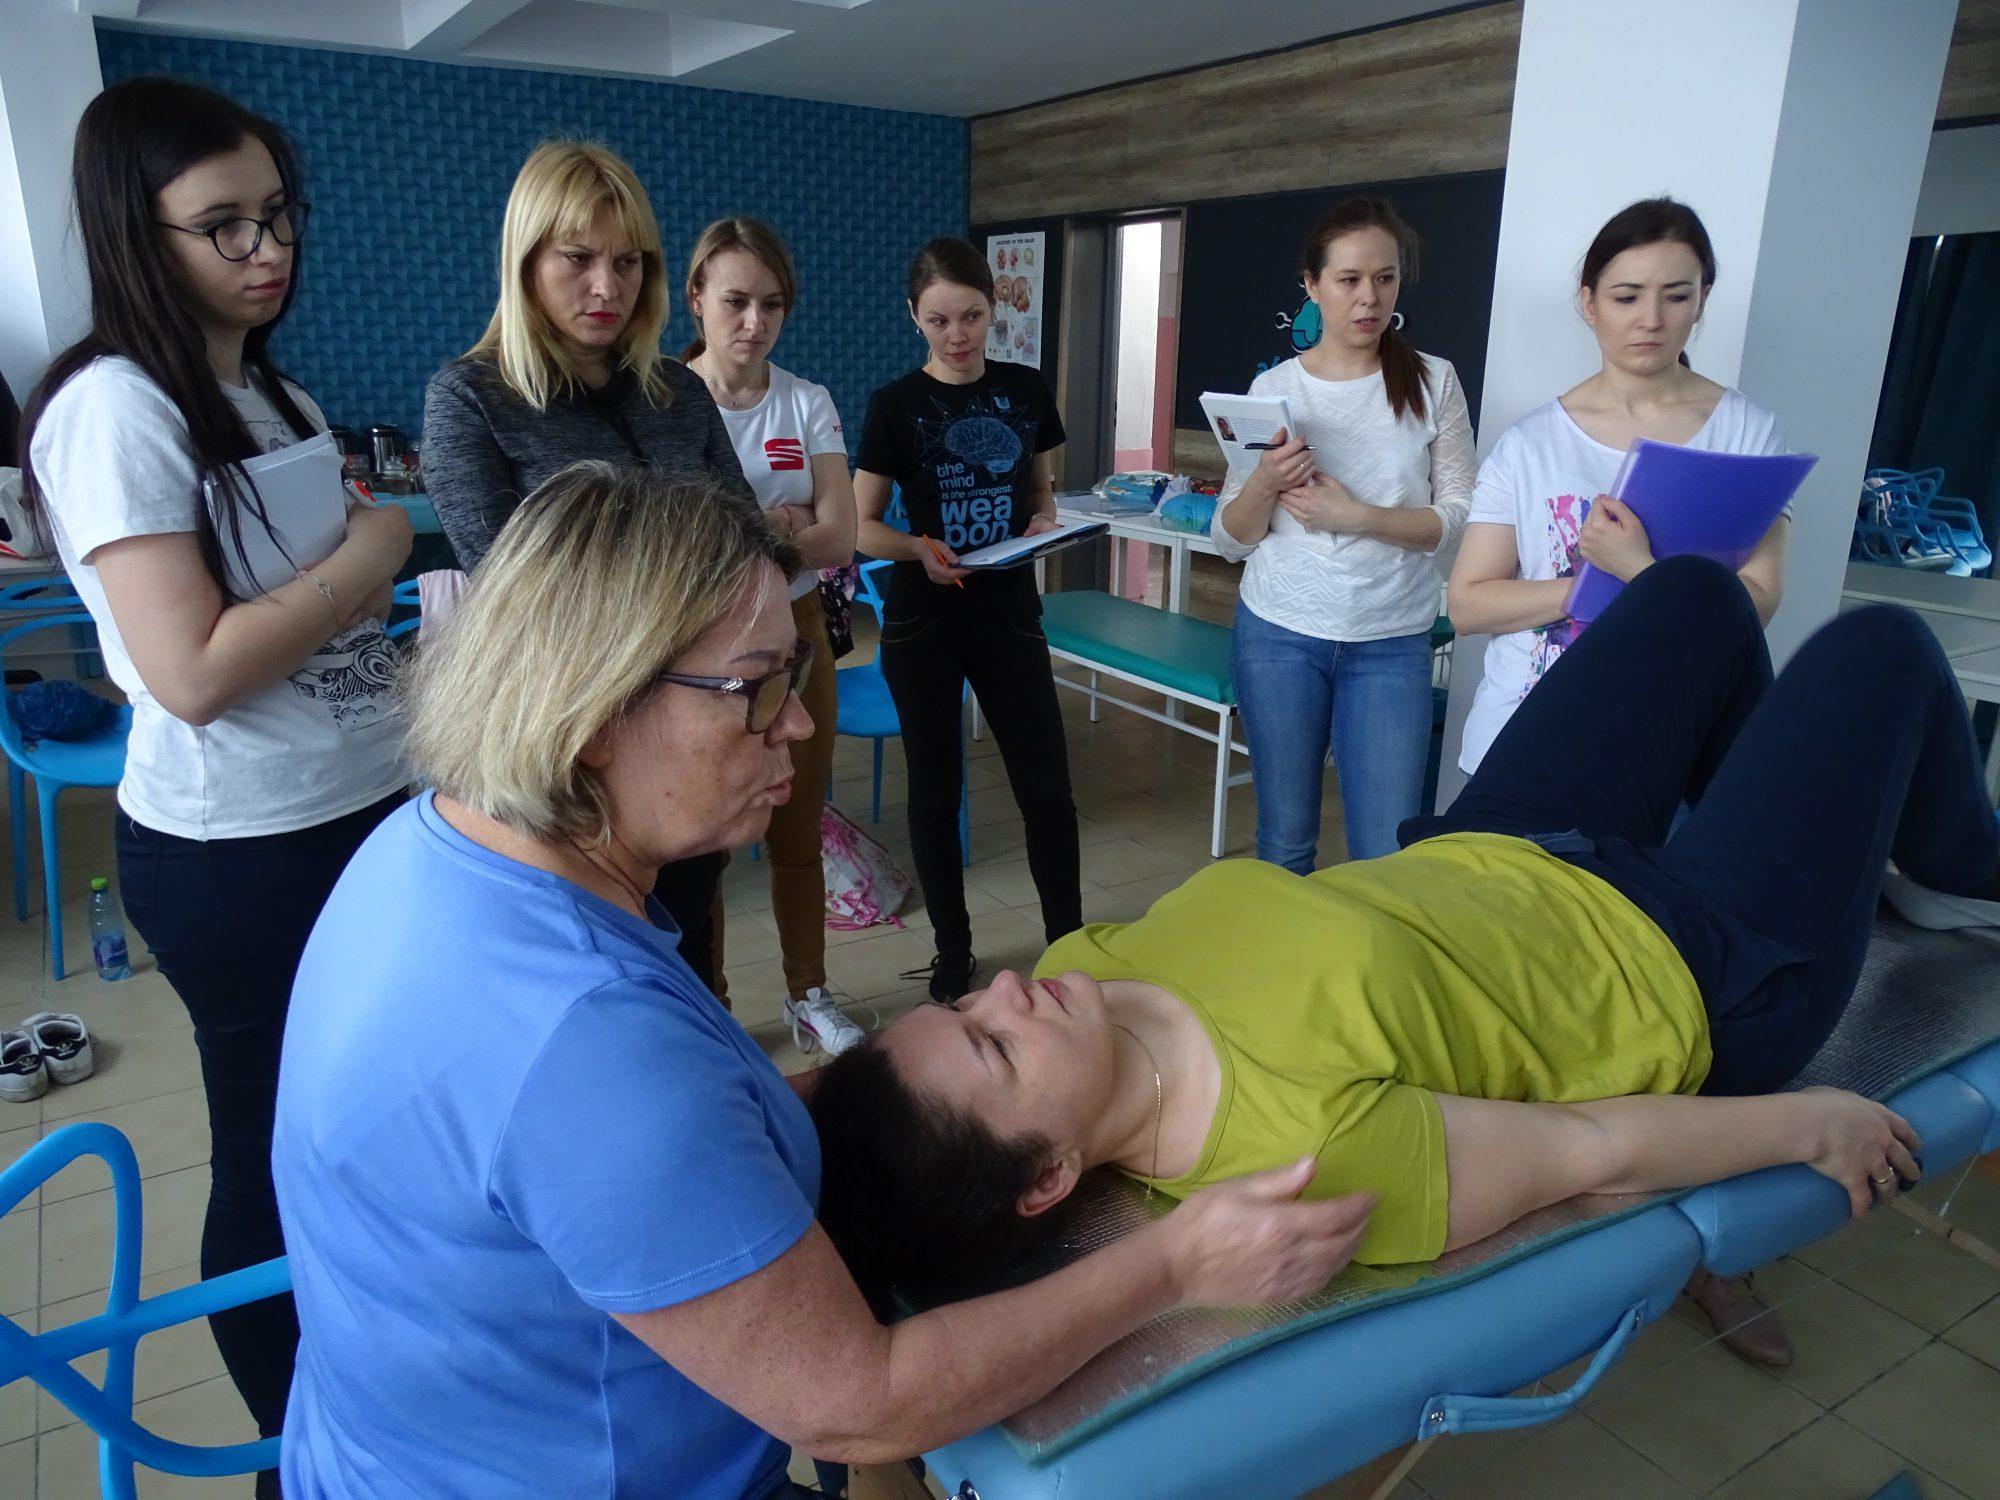 Szkolenie, które dodaje skrzydeł – dr Anna Regner w Bydgoszczy